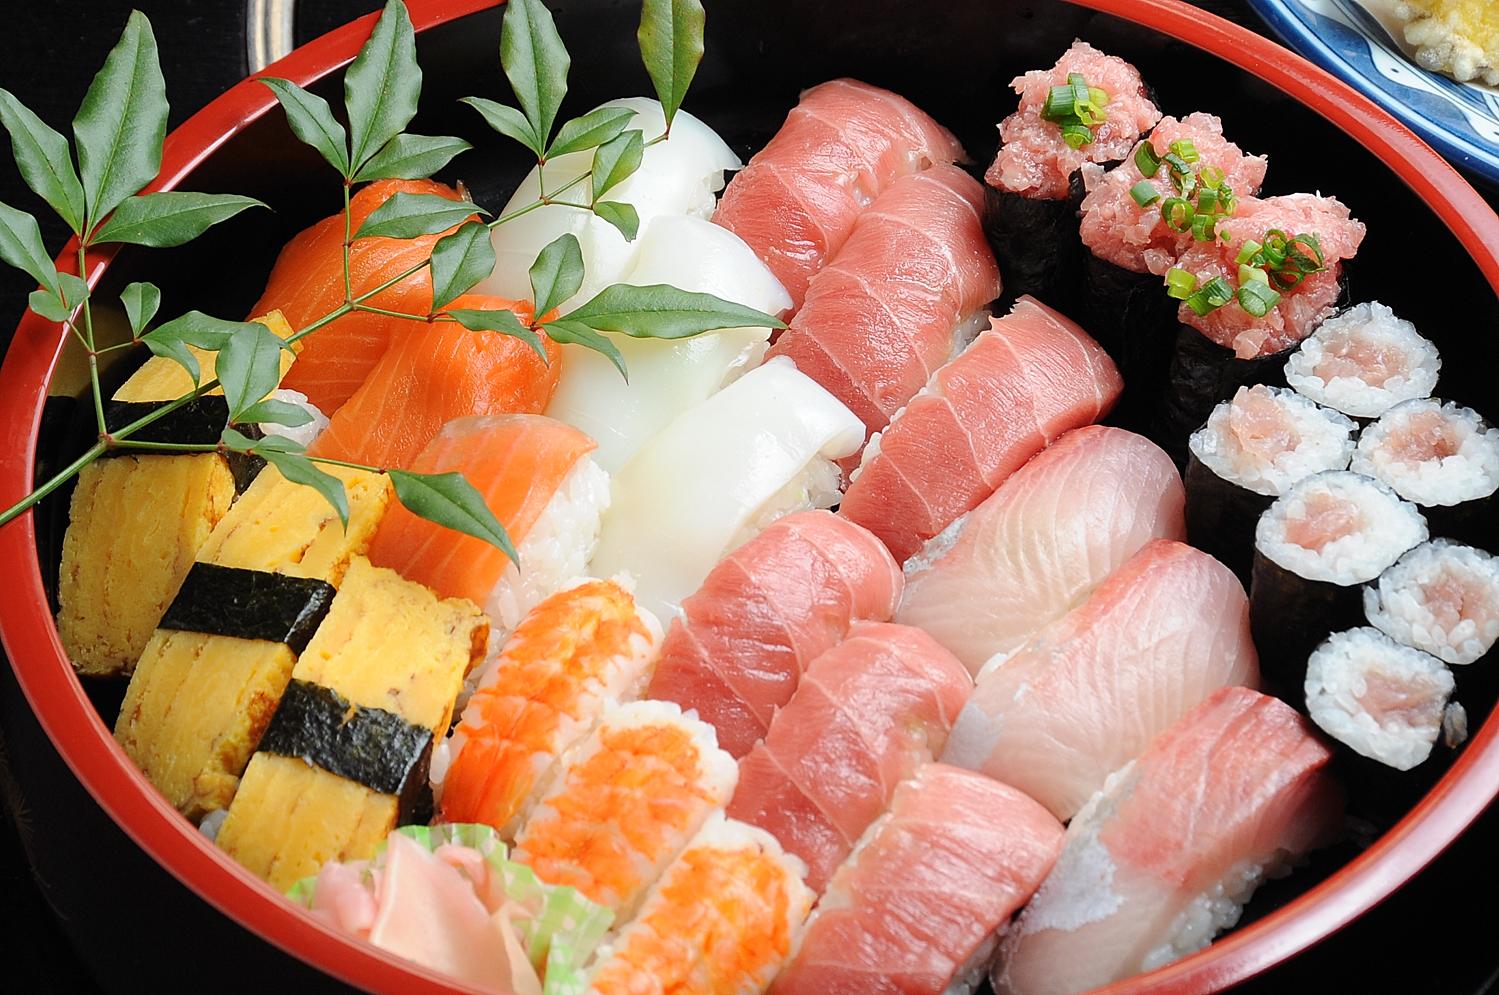 デリバリーで美味しい寿司が食べられるようになって本当にウレシイ♪のサムネイル画像